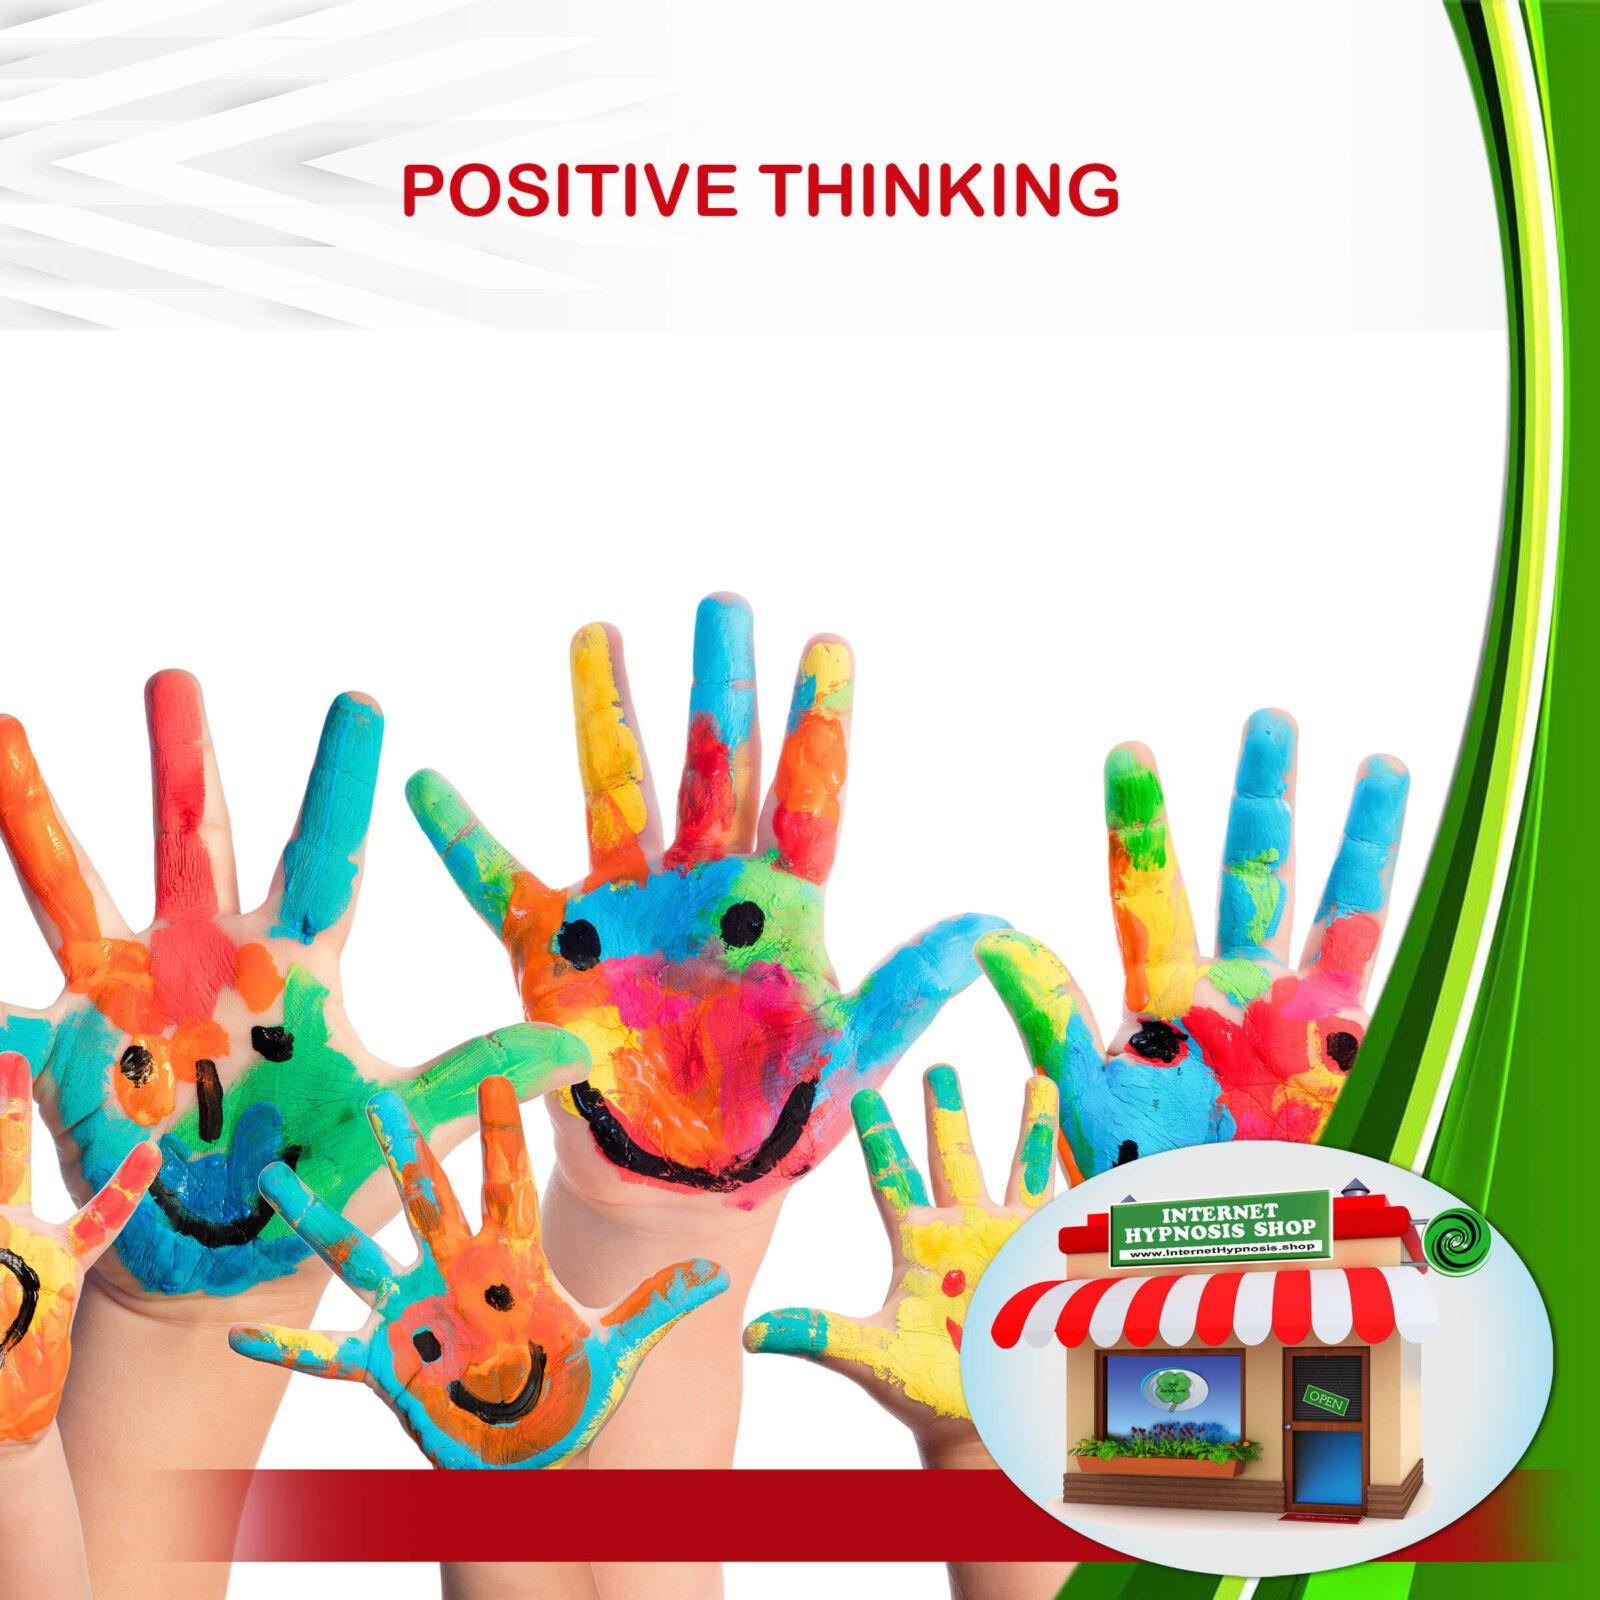 positive-thinking_optimized